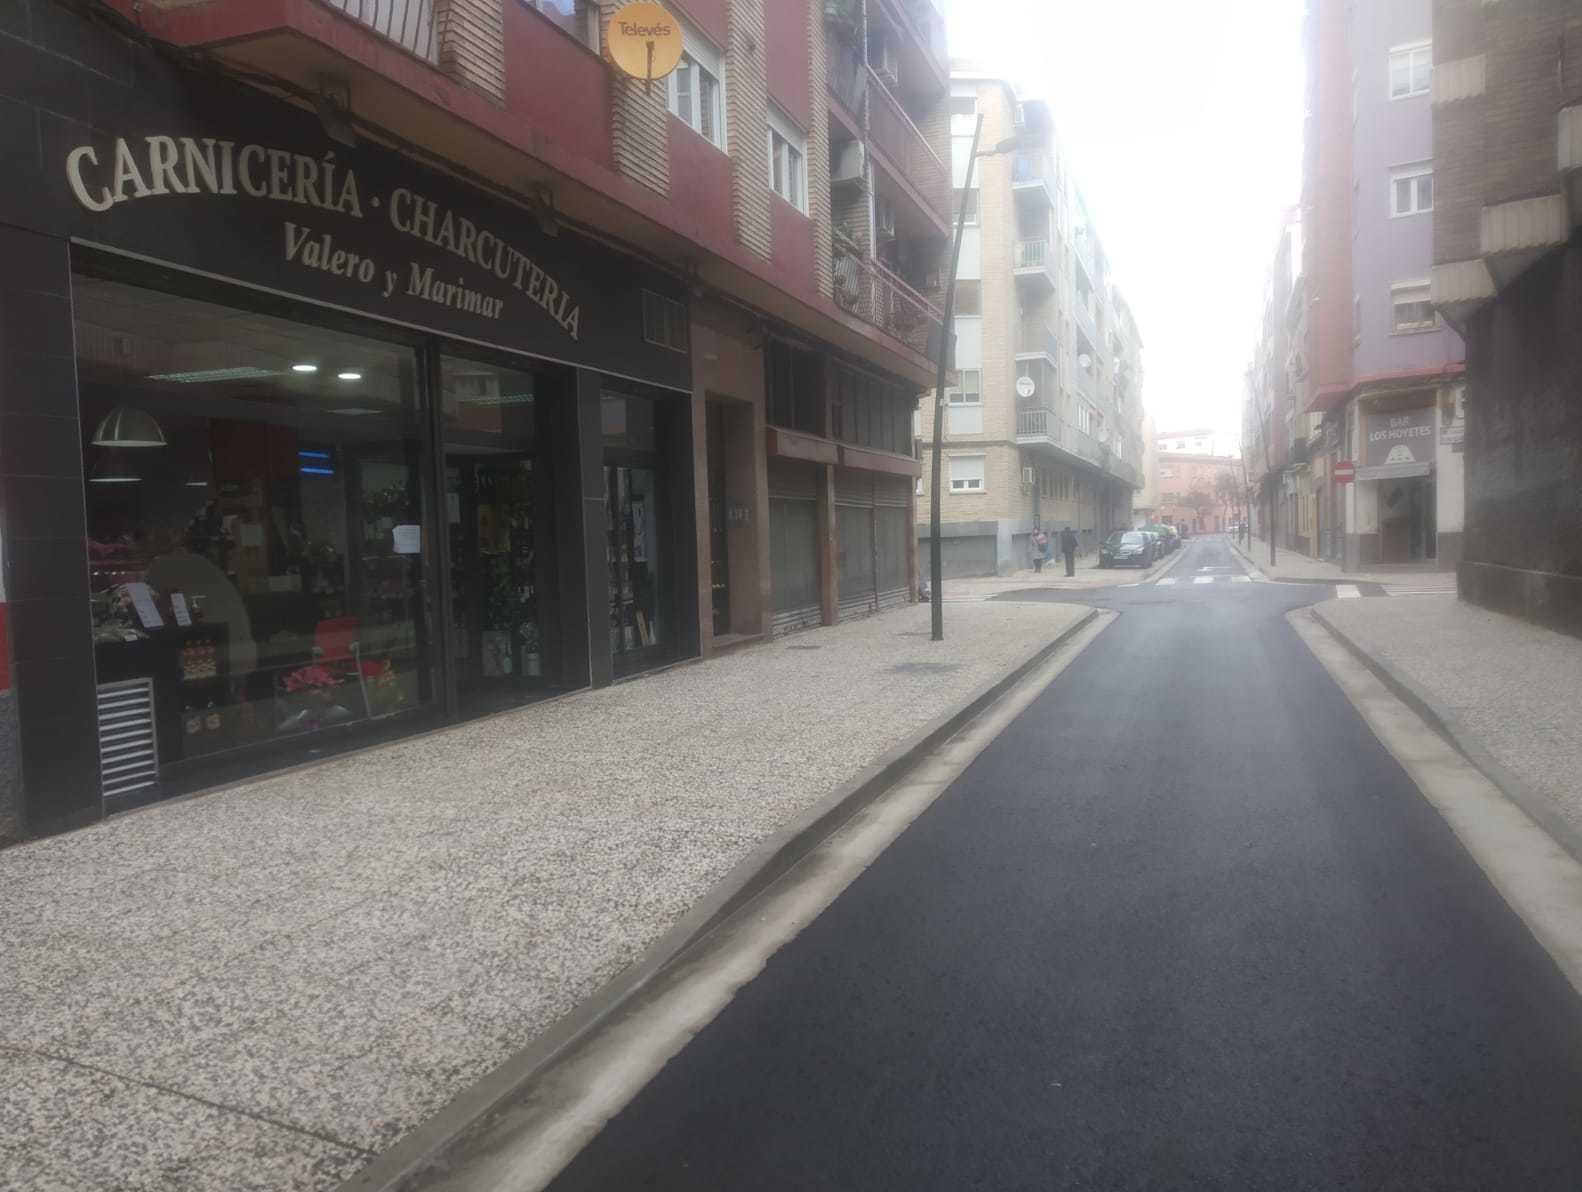 Foto 2 de Carnicería y charcutería en  | Carnicería Charcutería Valero y Marimar